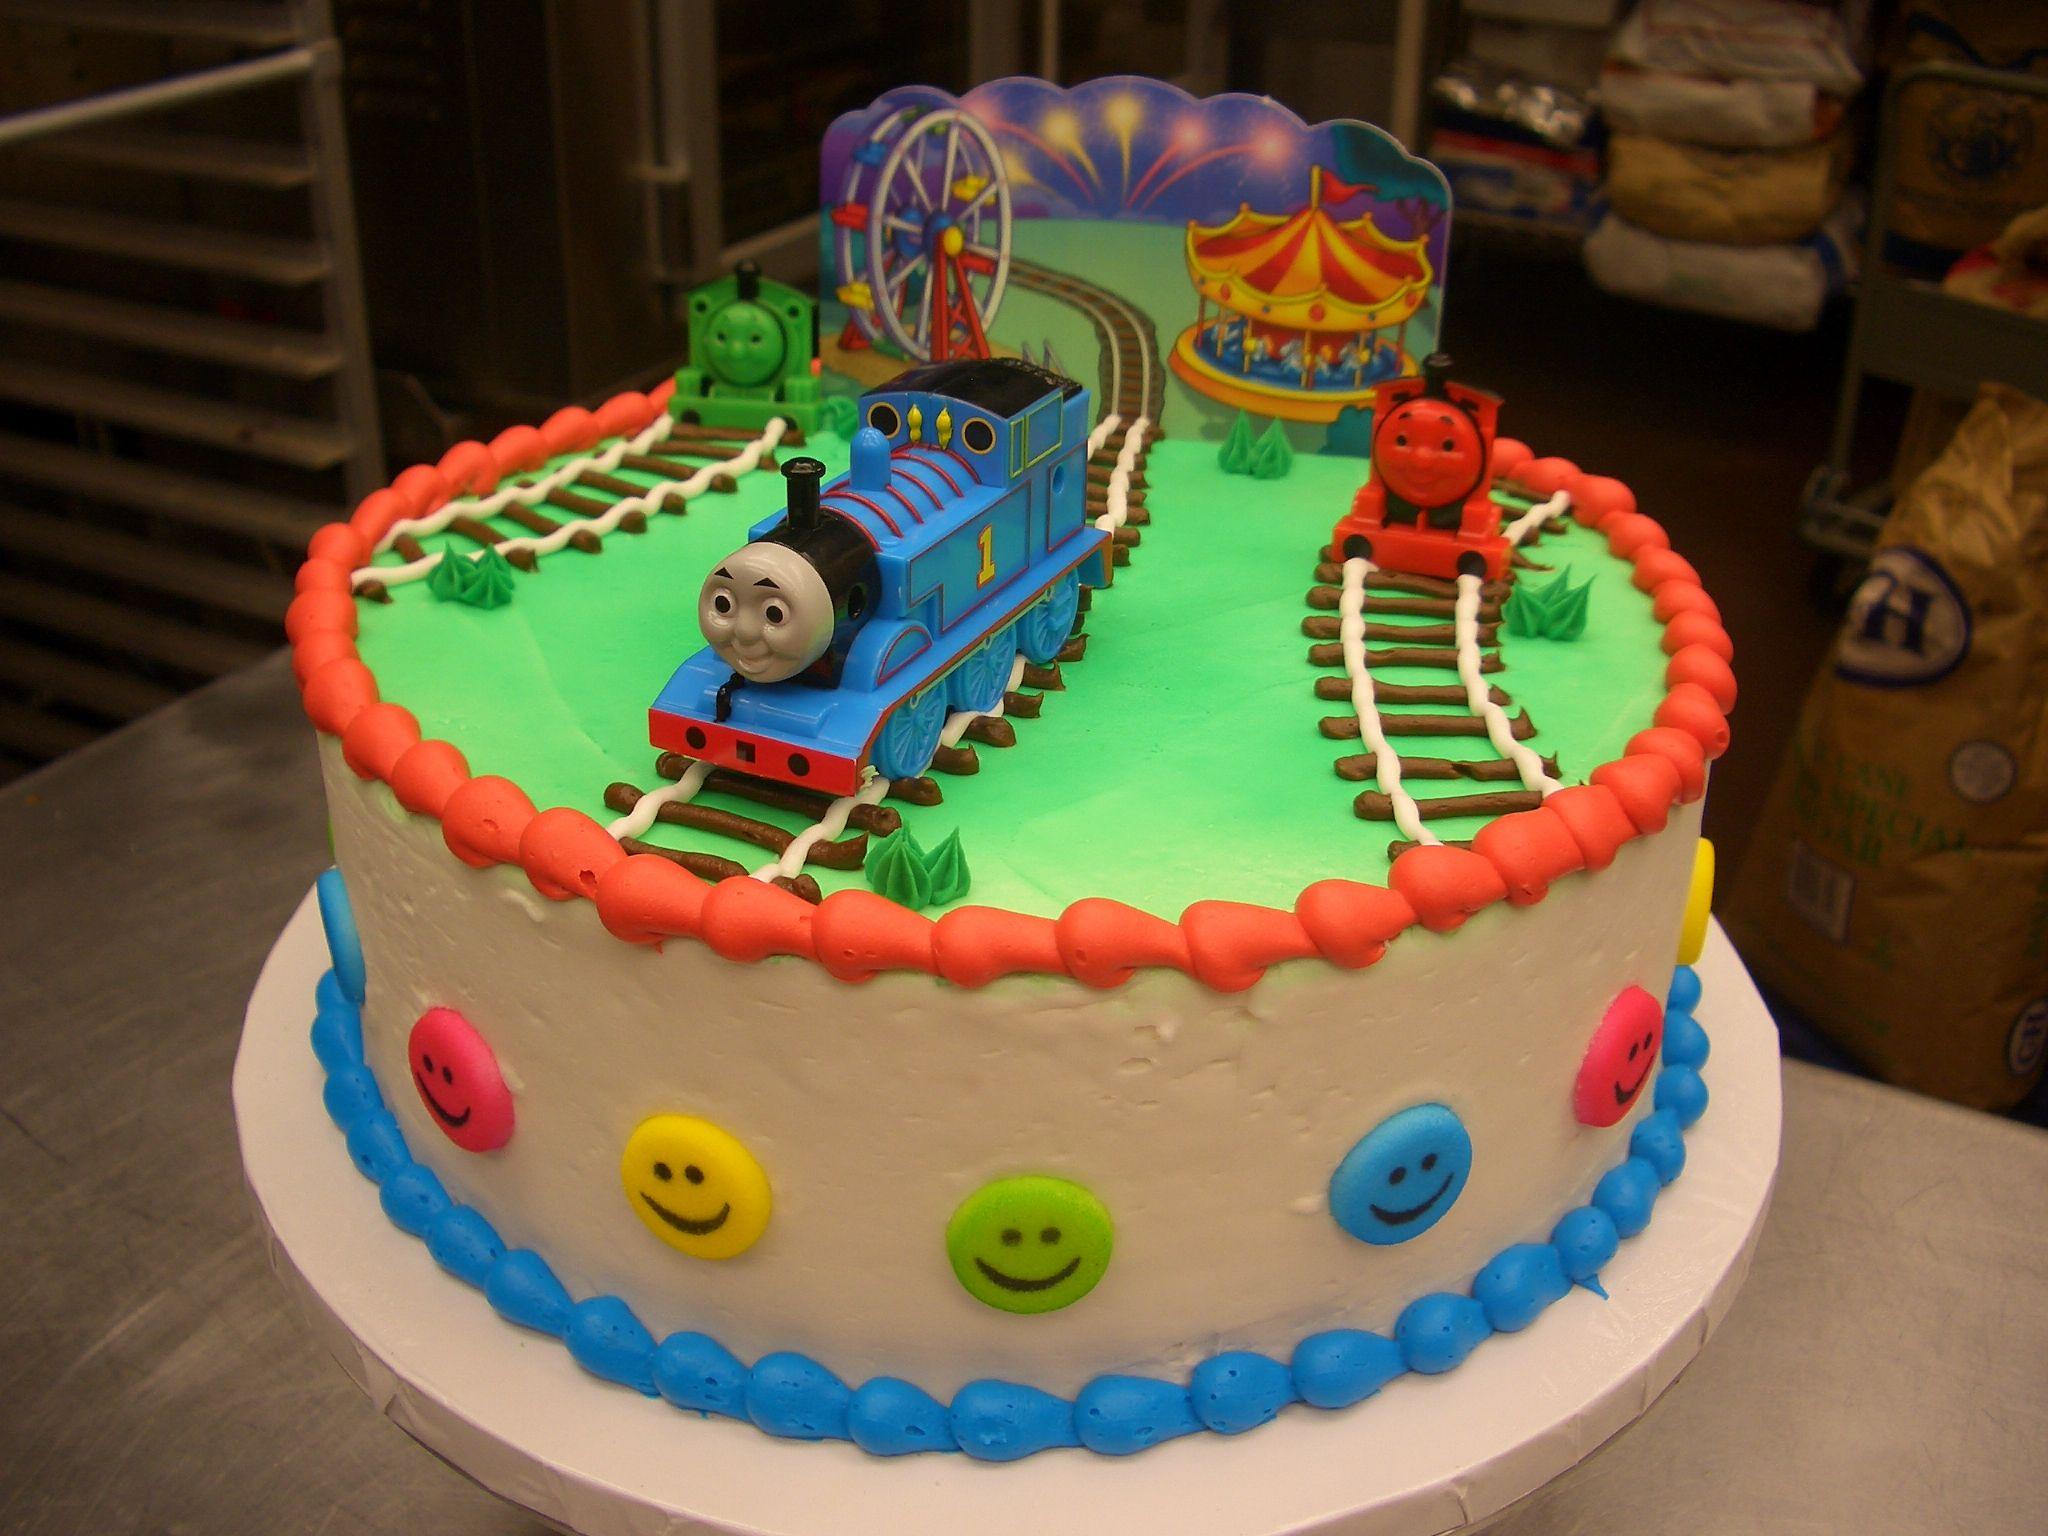 Thomas The Train Cake Idea For Chayton S Birthday